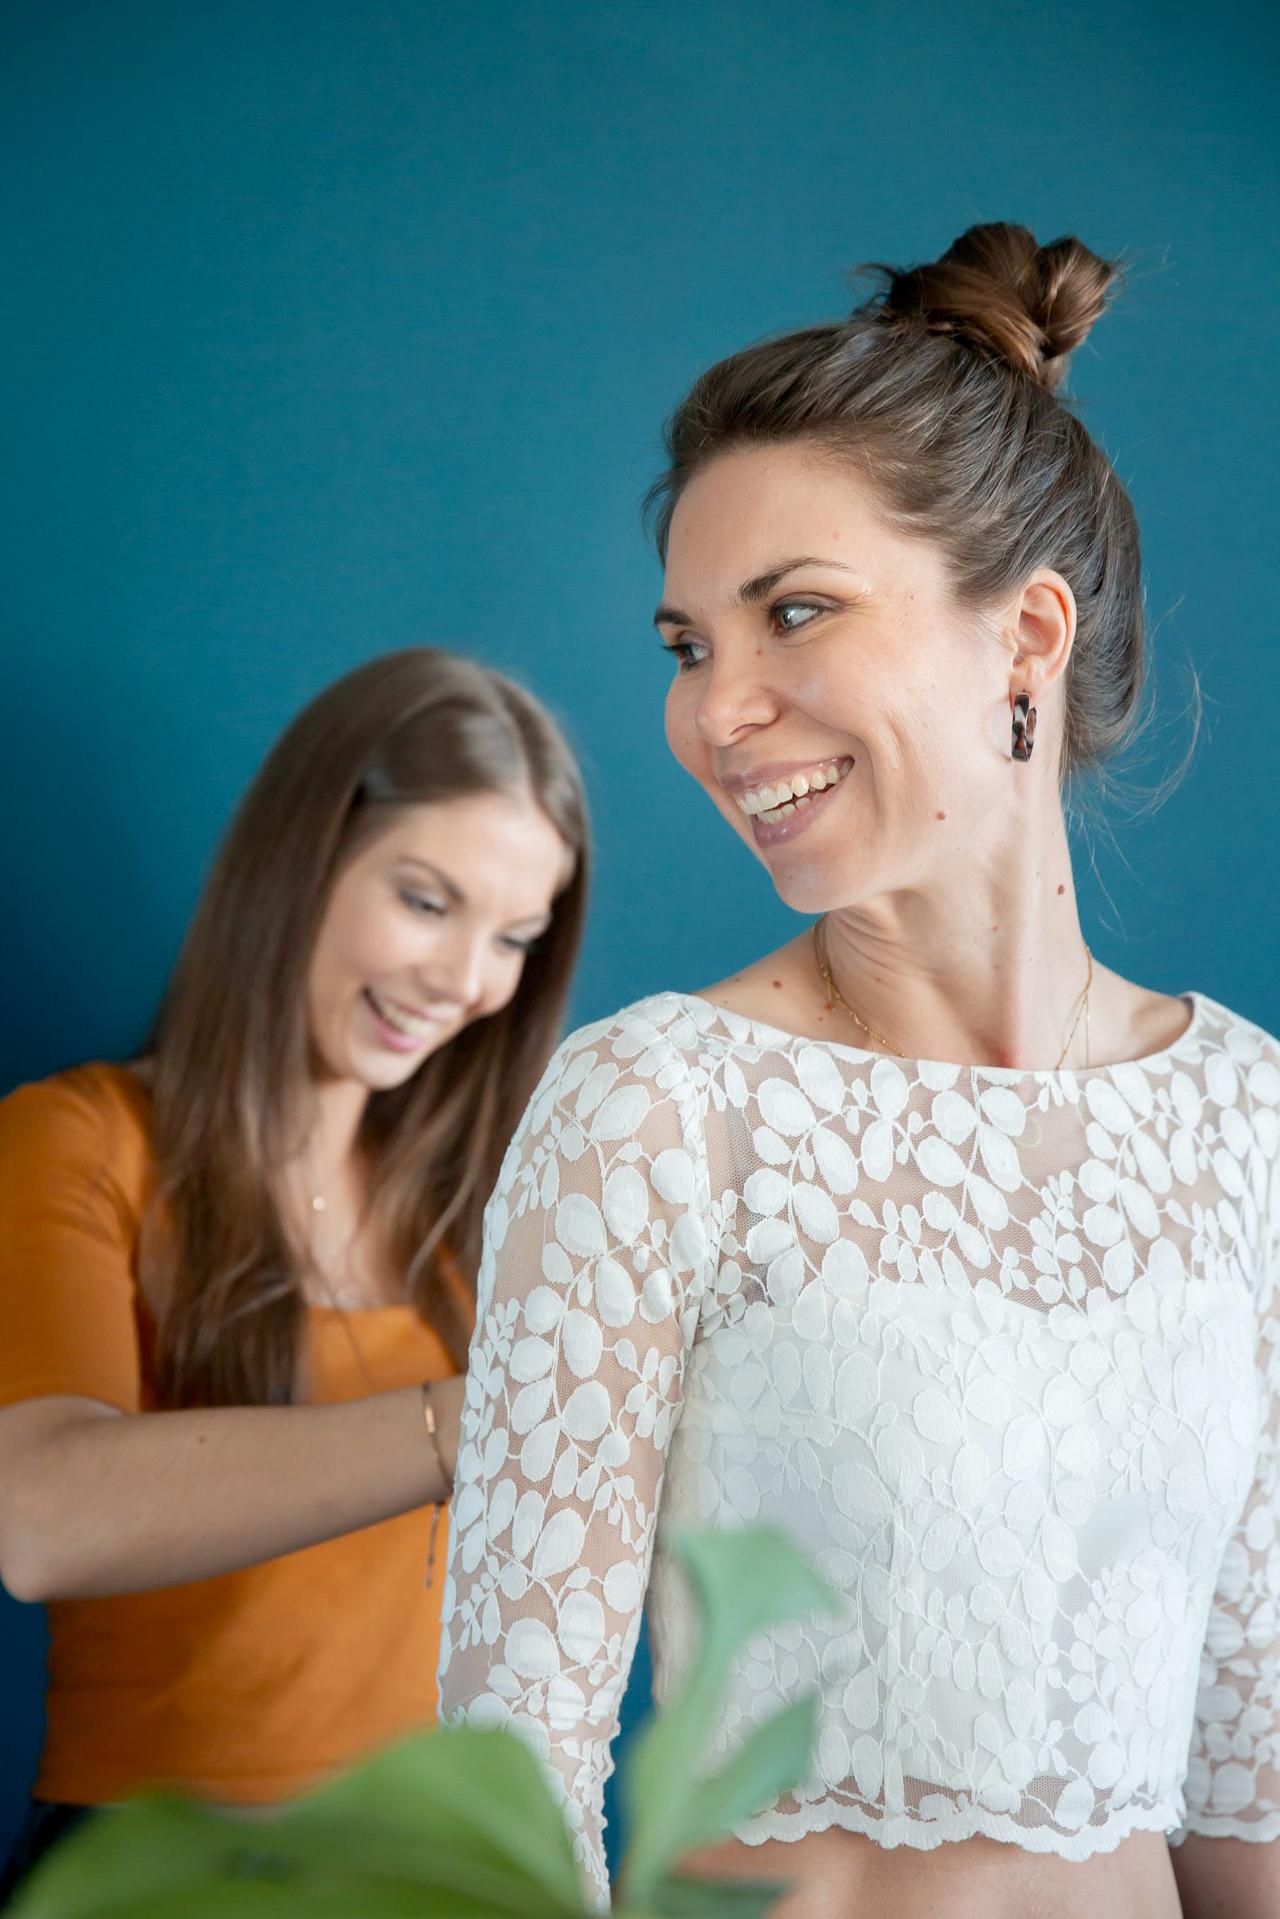 noni Brautkleid kaufen, Moodbild, Freundinnen in Wohnzimmer bei Brautkleid-Anprobe Zuhause